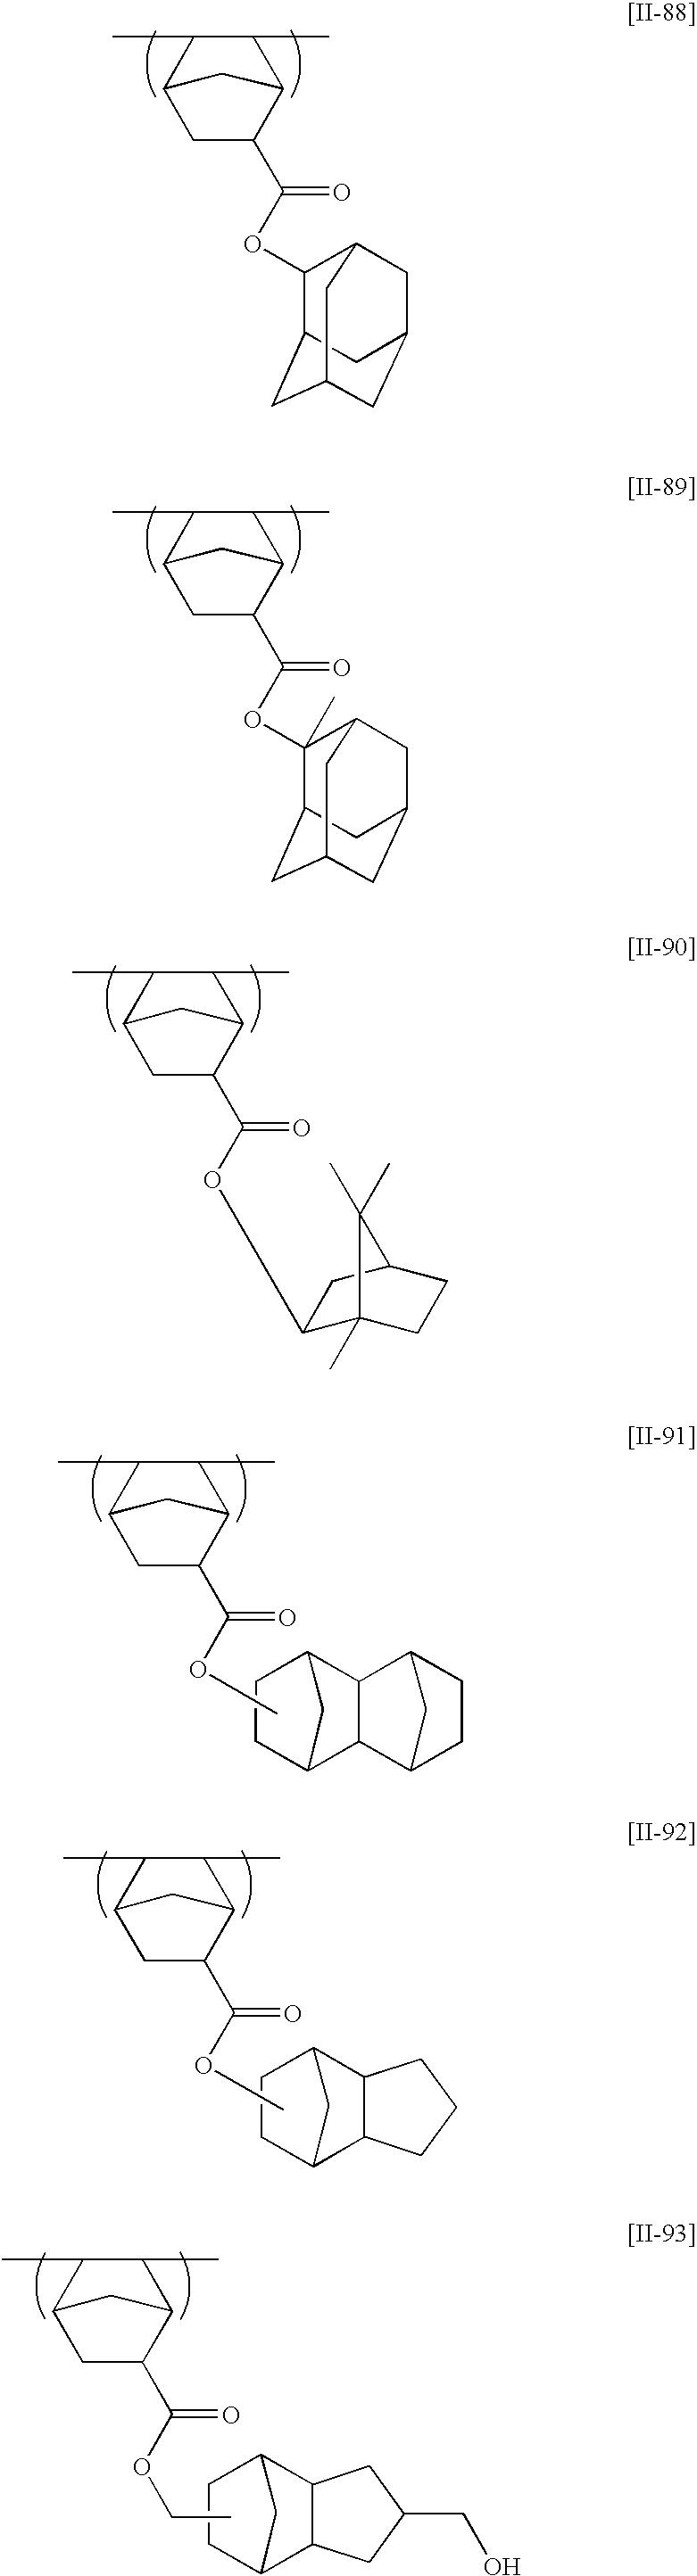 Figure US20030186161A1-20031002-C00074